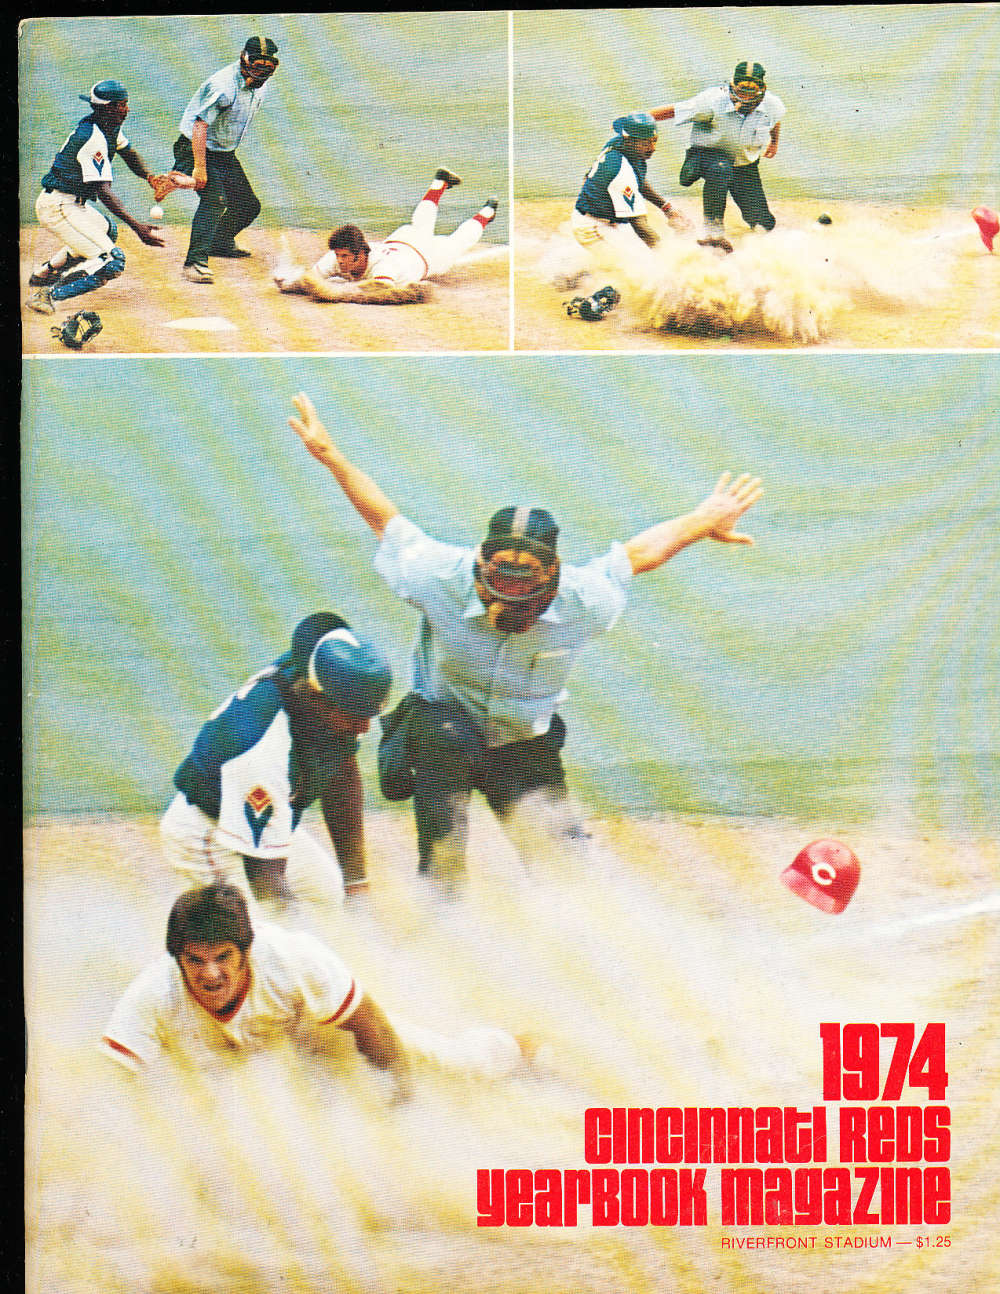 1974 Cincinnati reds Yearbook nm bxyb